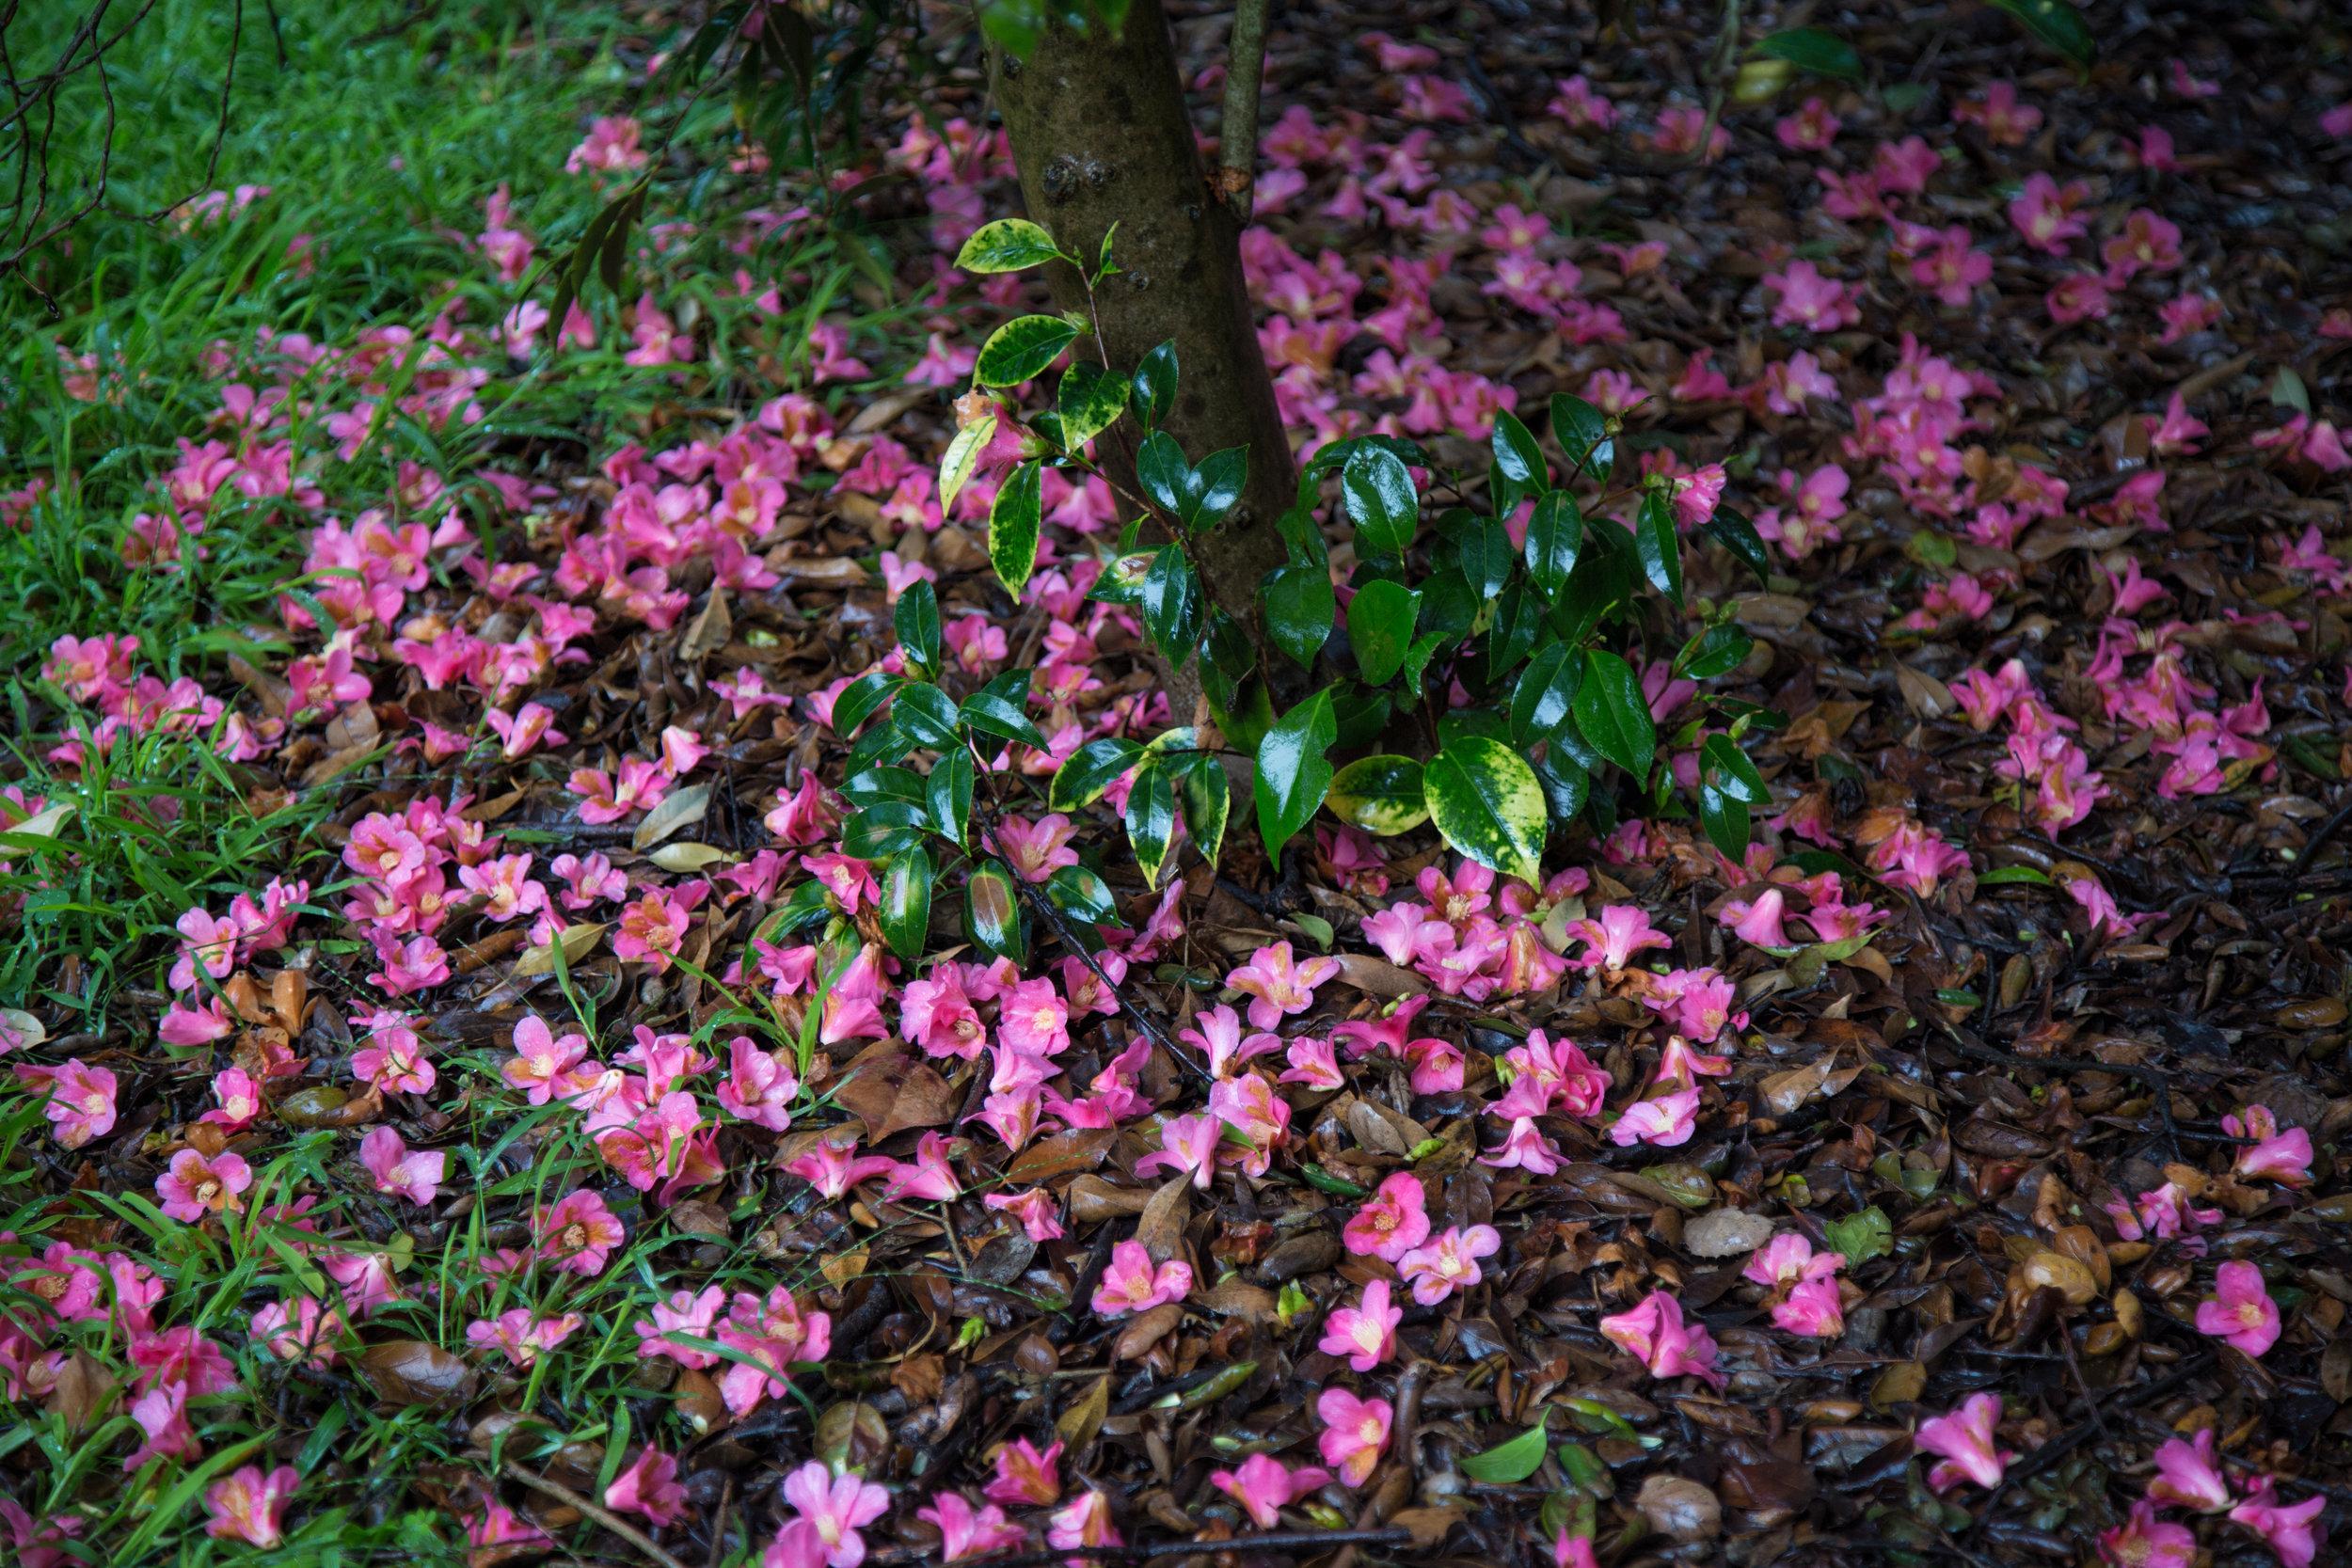 A blanket of fallen camellias.